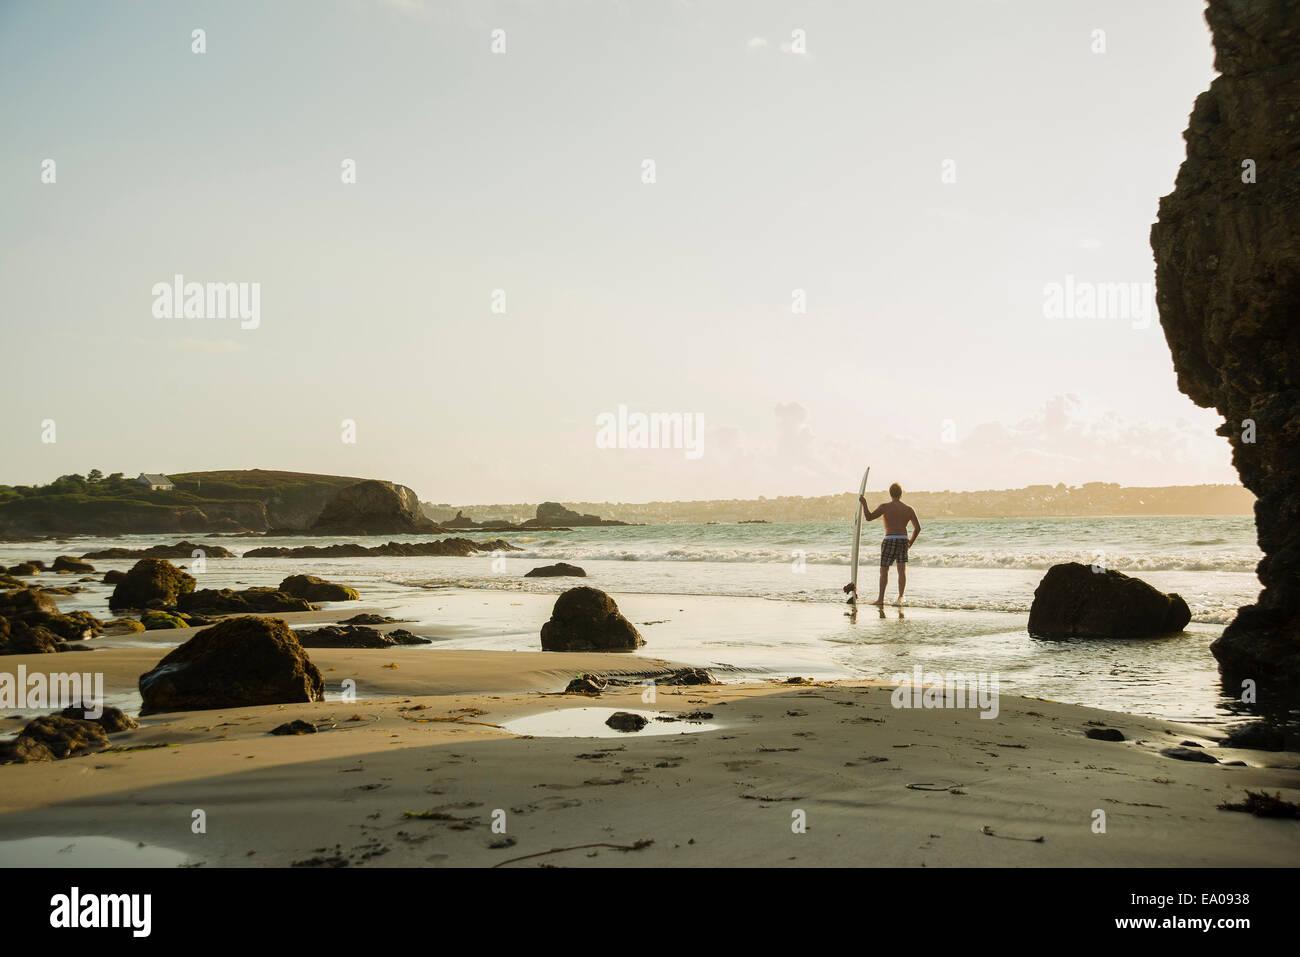 Uomo maturo permanente al bordo delle acque tenendo tavola da surf Immagini Stock